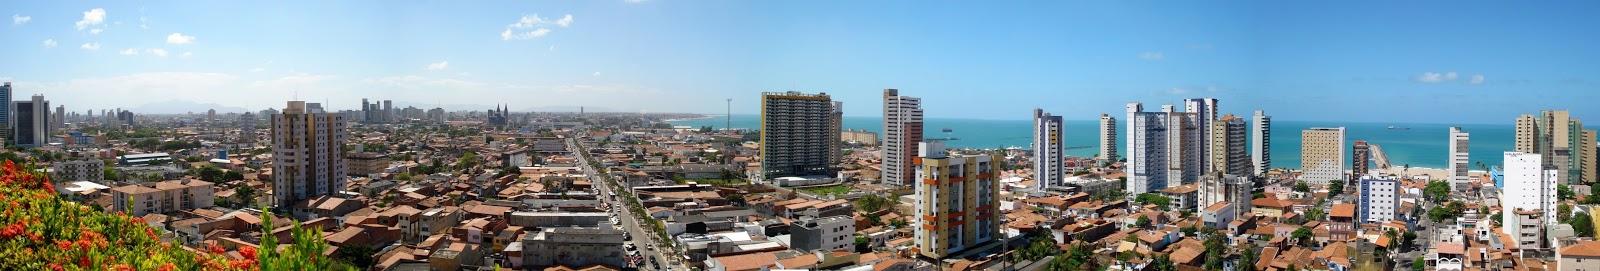 Fortaleza | Capital do Ceará